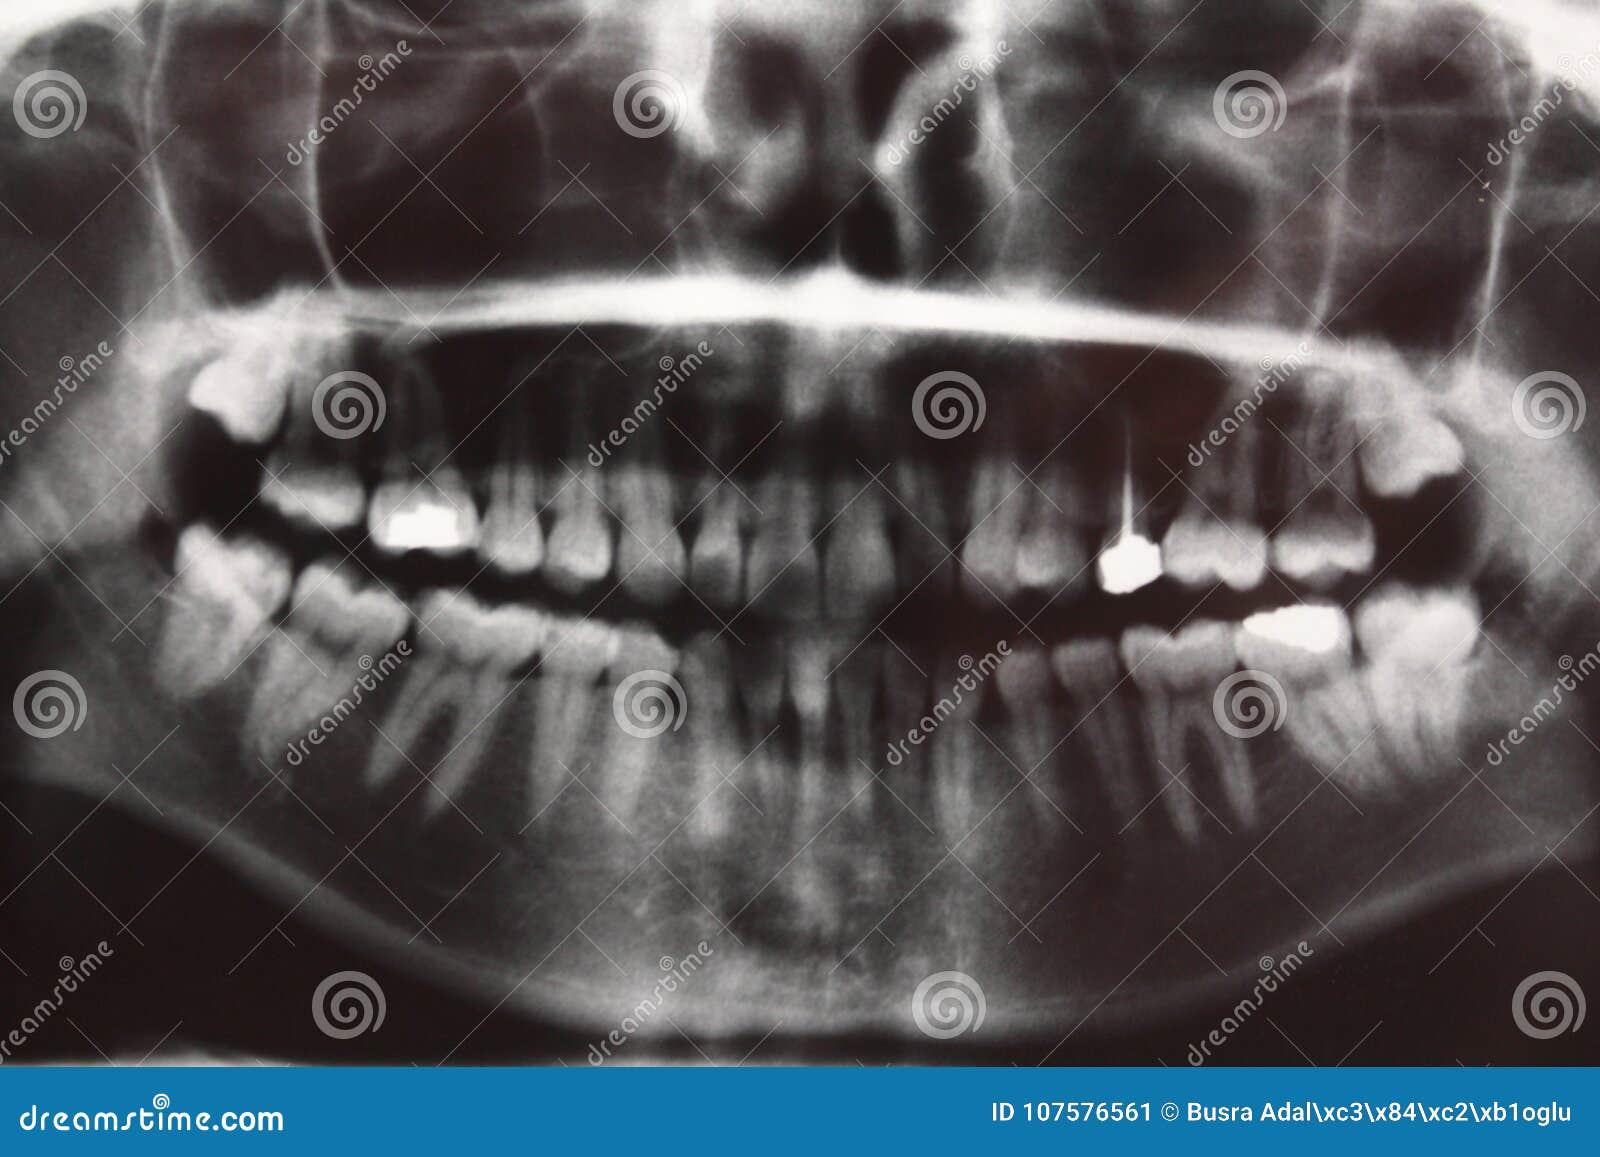 Exploración De La Anatomía Del Dentista De Los Dientes De La ...